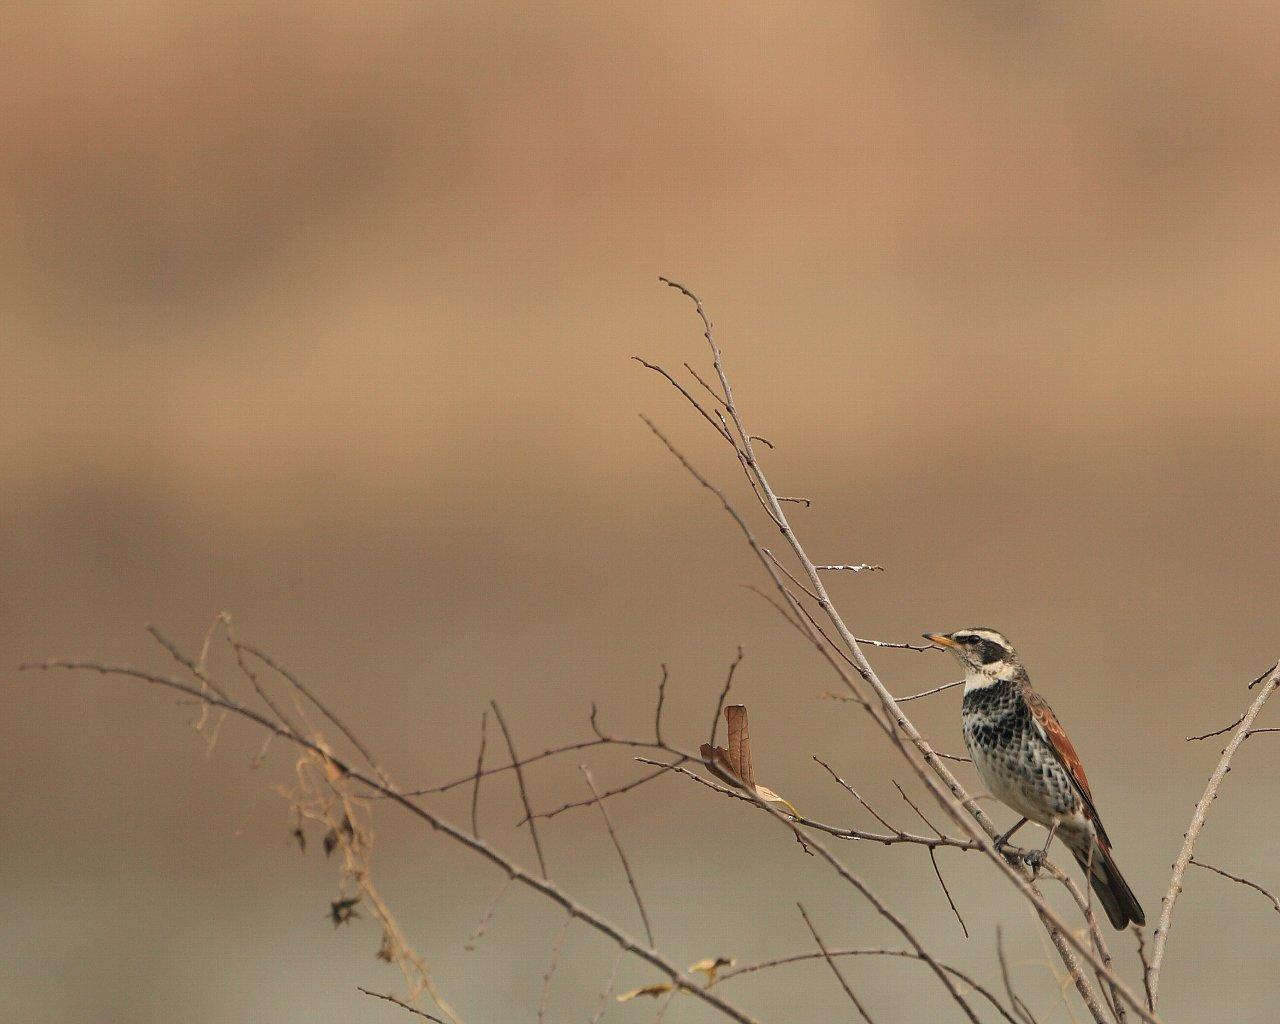 自宅そばのツグミ(冬の野鳥の壁紙)_f0105570_21381244.jpg